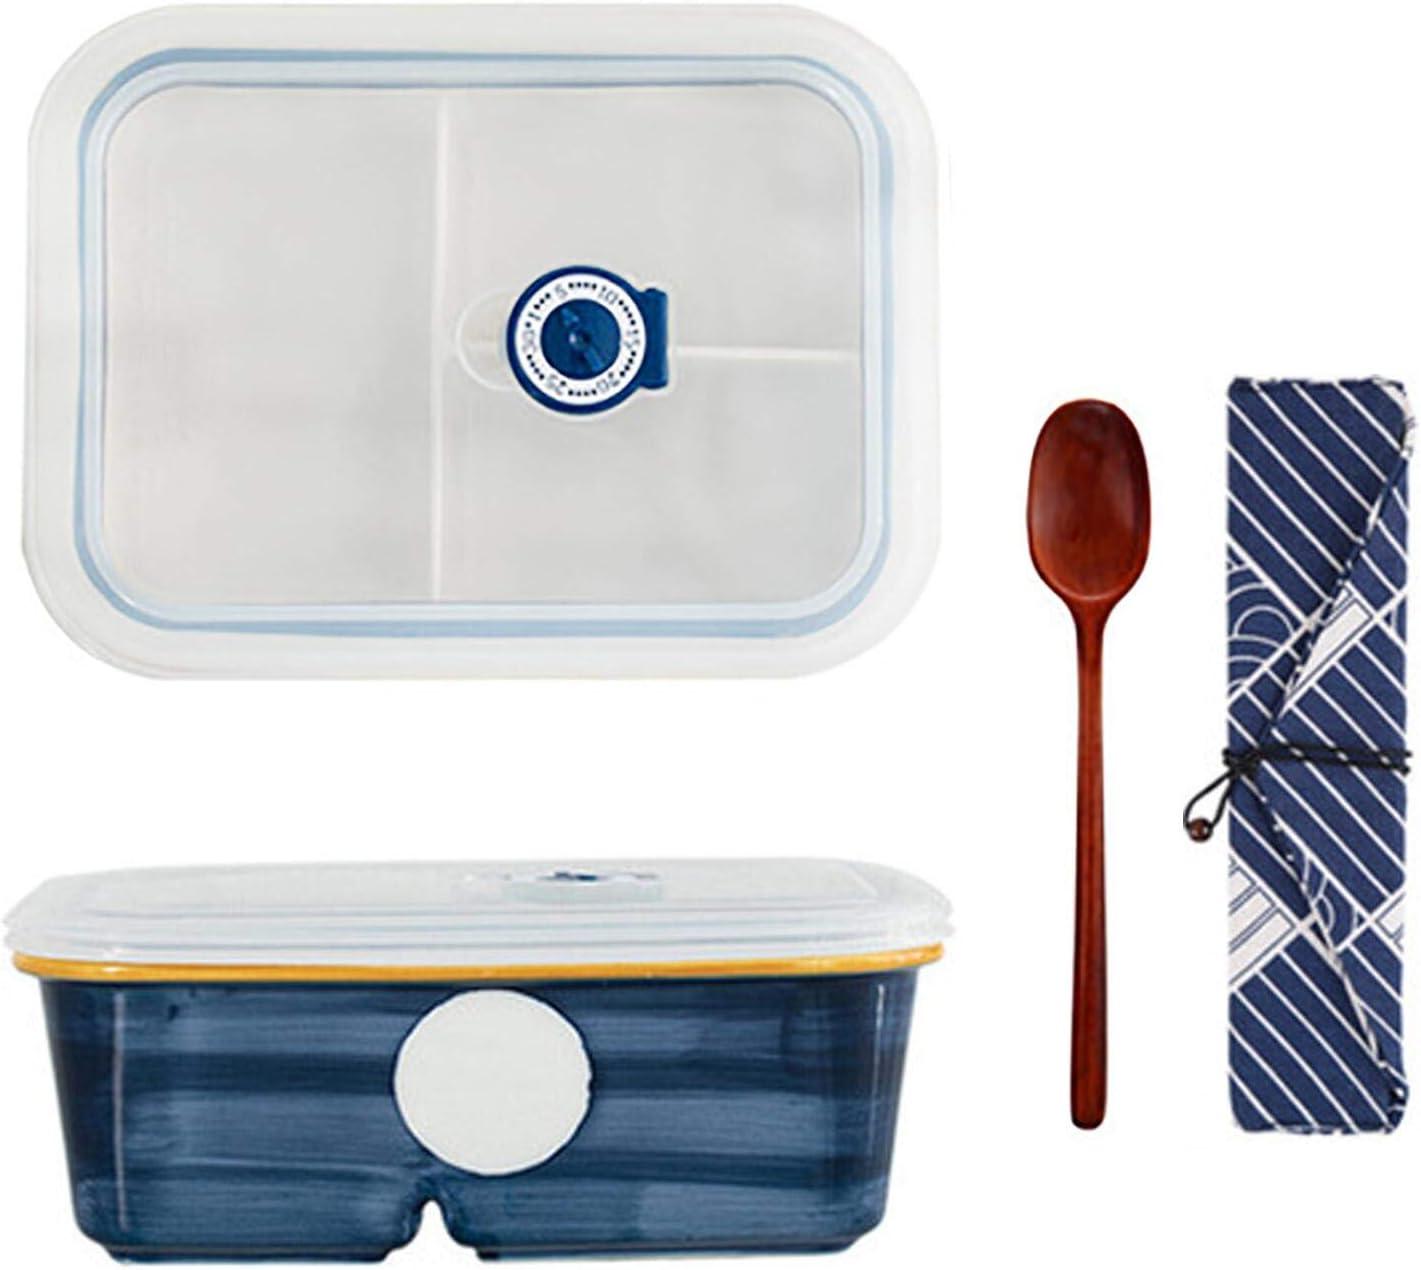 Fiambrera de cerámica con compartimentos, fiambrera con cuchara, fiambrera de cerámica con compartimentos, para niños y adultos, 880 ml, color azul